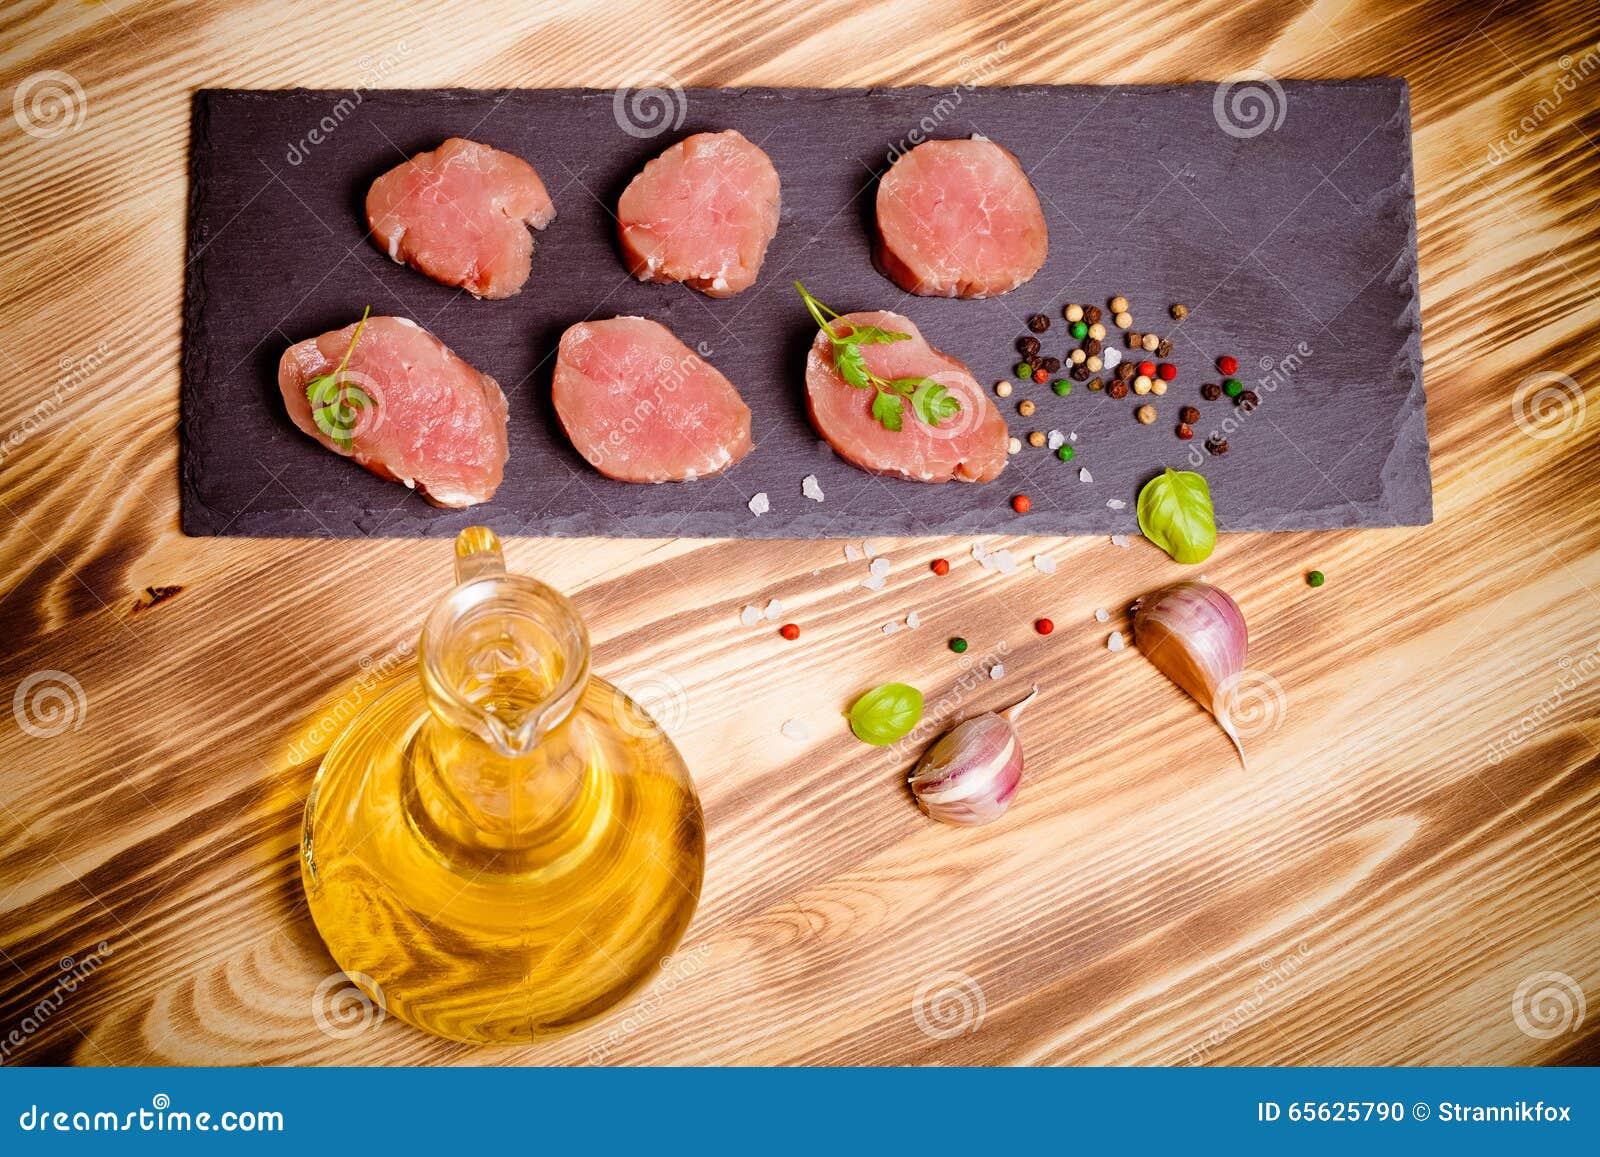 Piatti Cucina In Ardesia : Piatto piano rettangolare cm ardesia da sushi ristorante